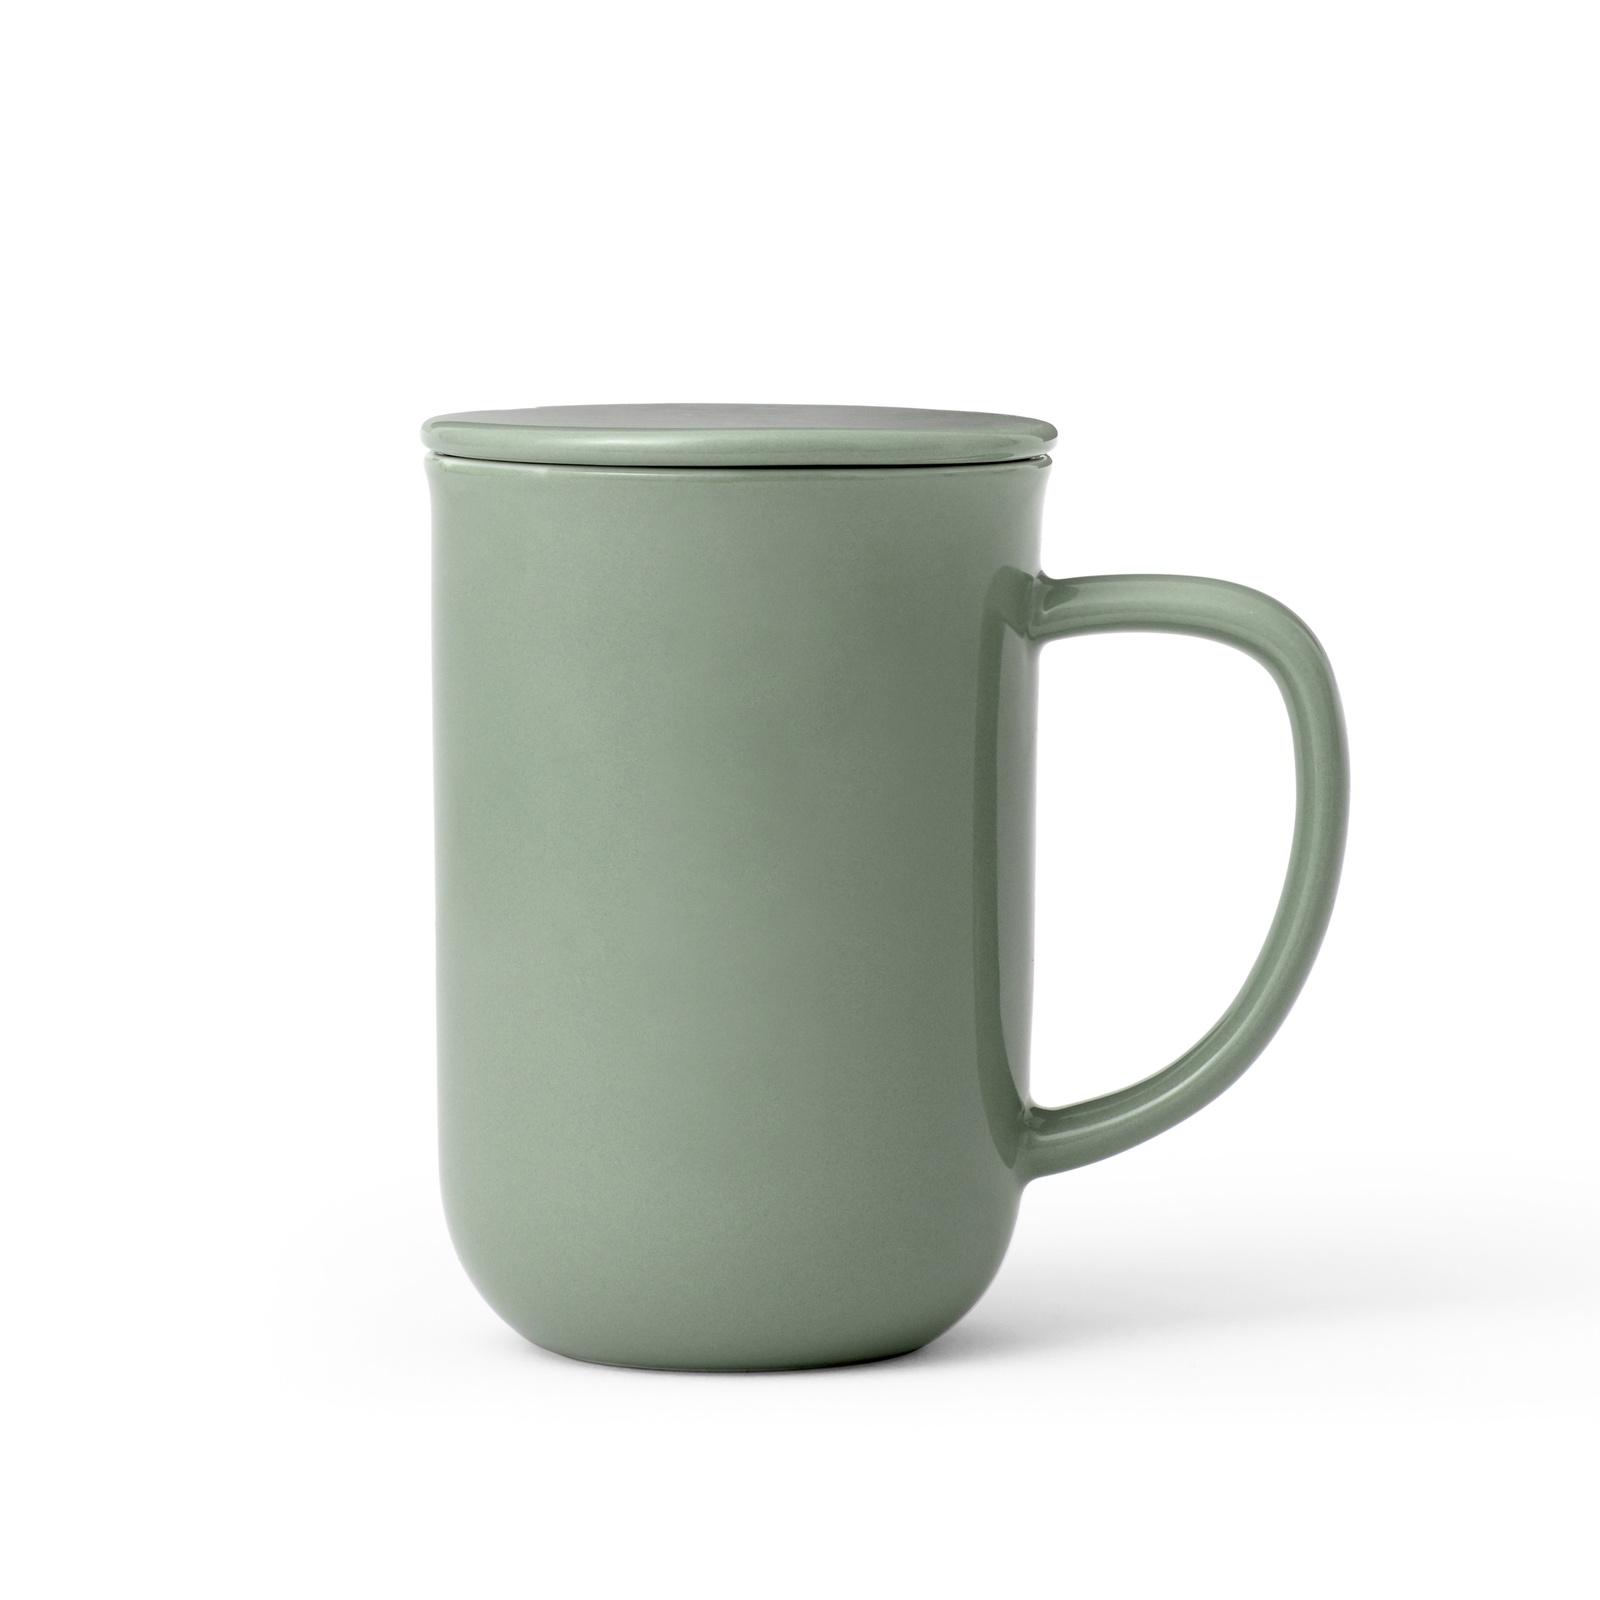 Чайная кружка с ситечком Viva scandinavia Minima,V77546, 500 мл, зеленый